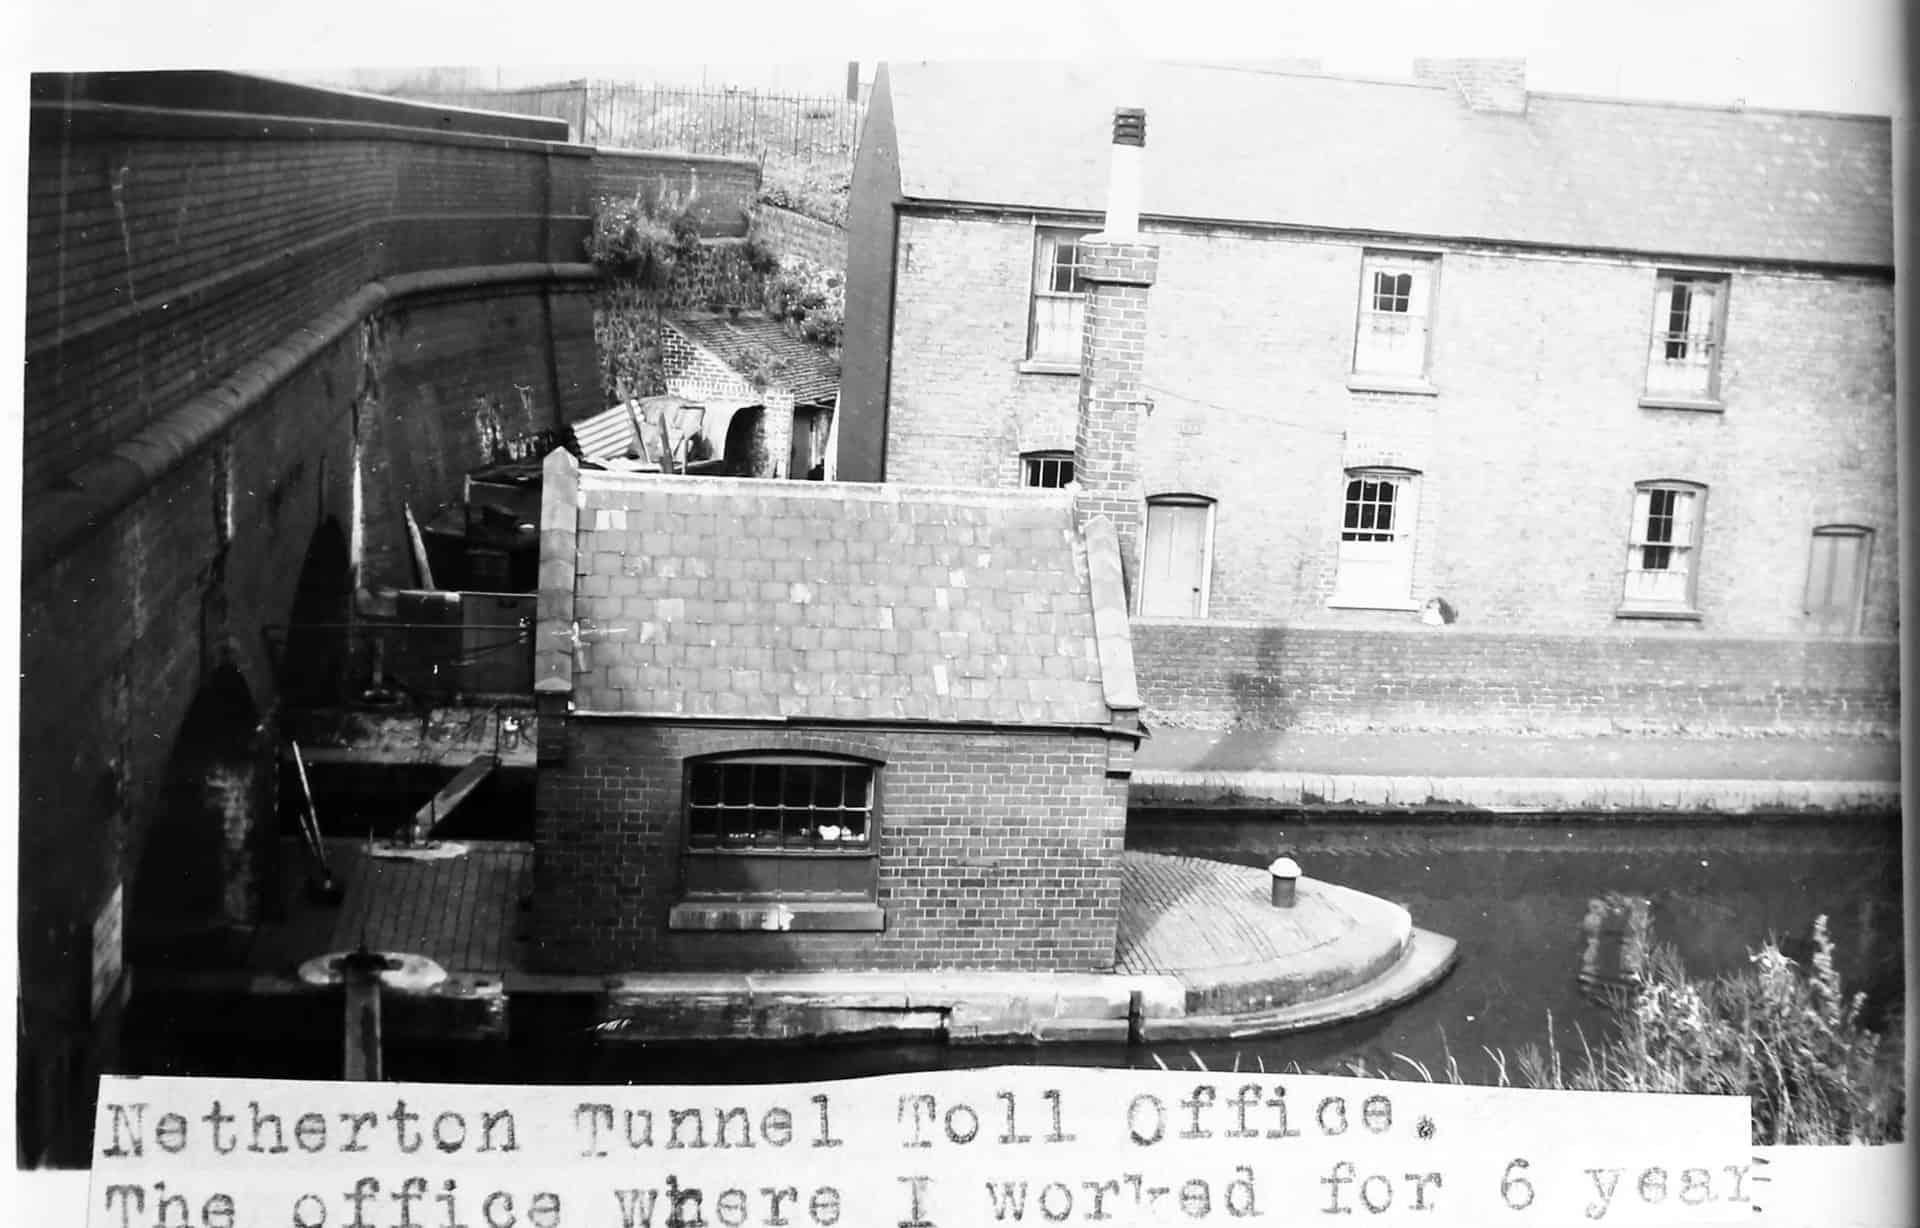 Will's Toll Office, Netherton Tunnel 1955